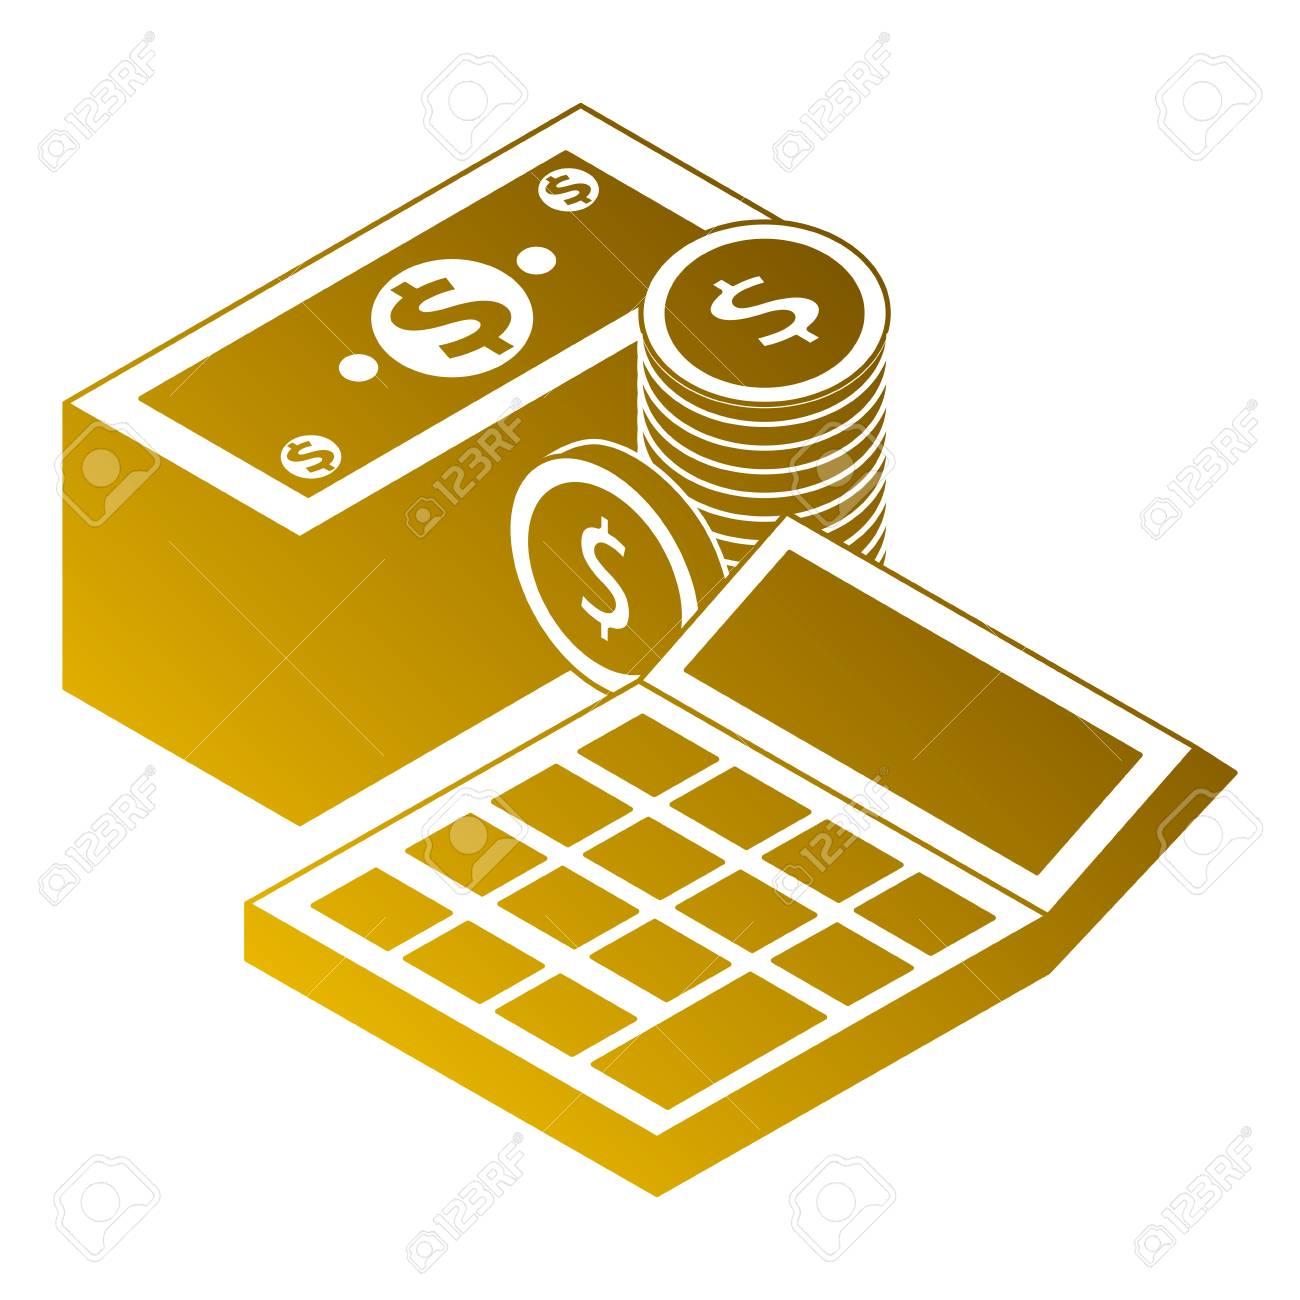 Banque Vectorielle pièces de billets de banque argent jalonné et calculatrice finance